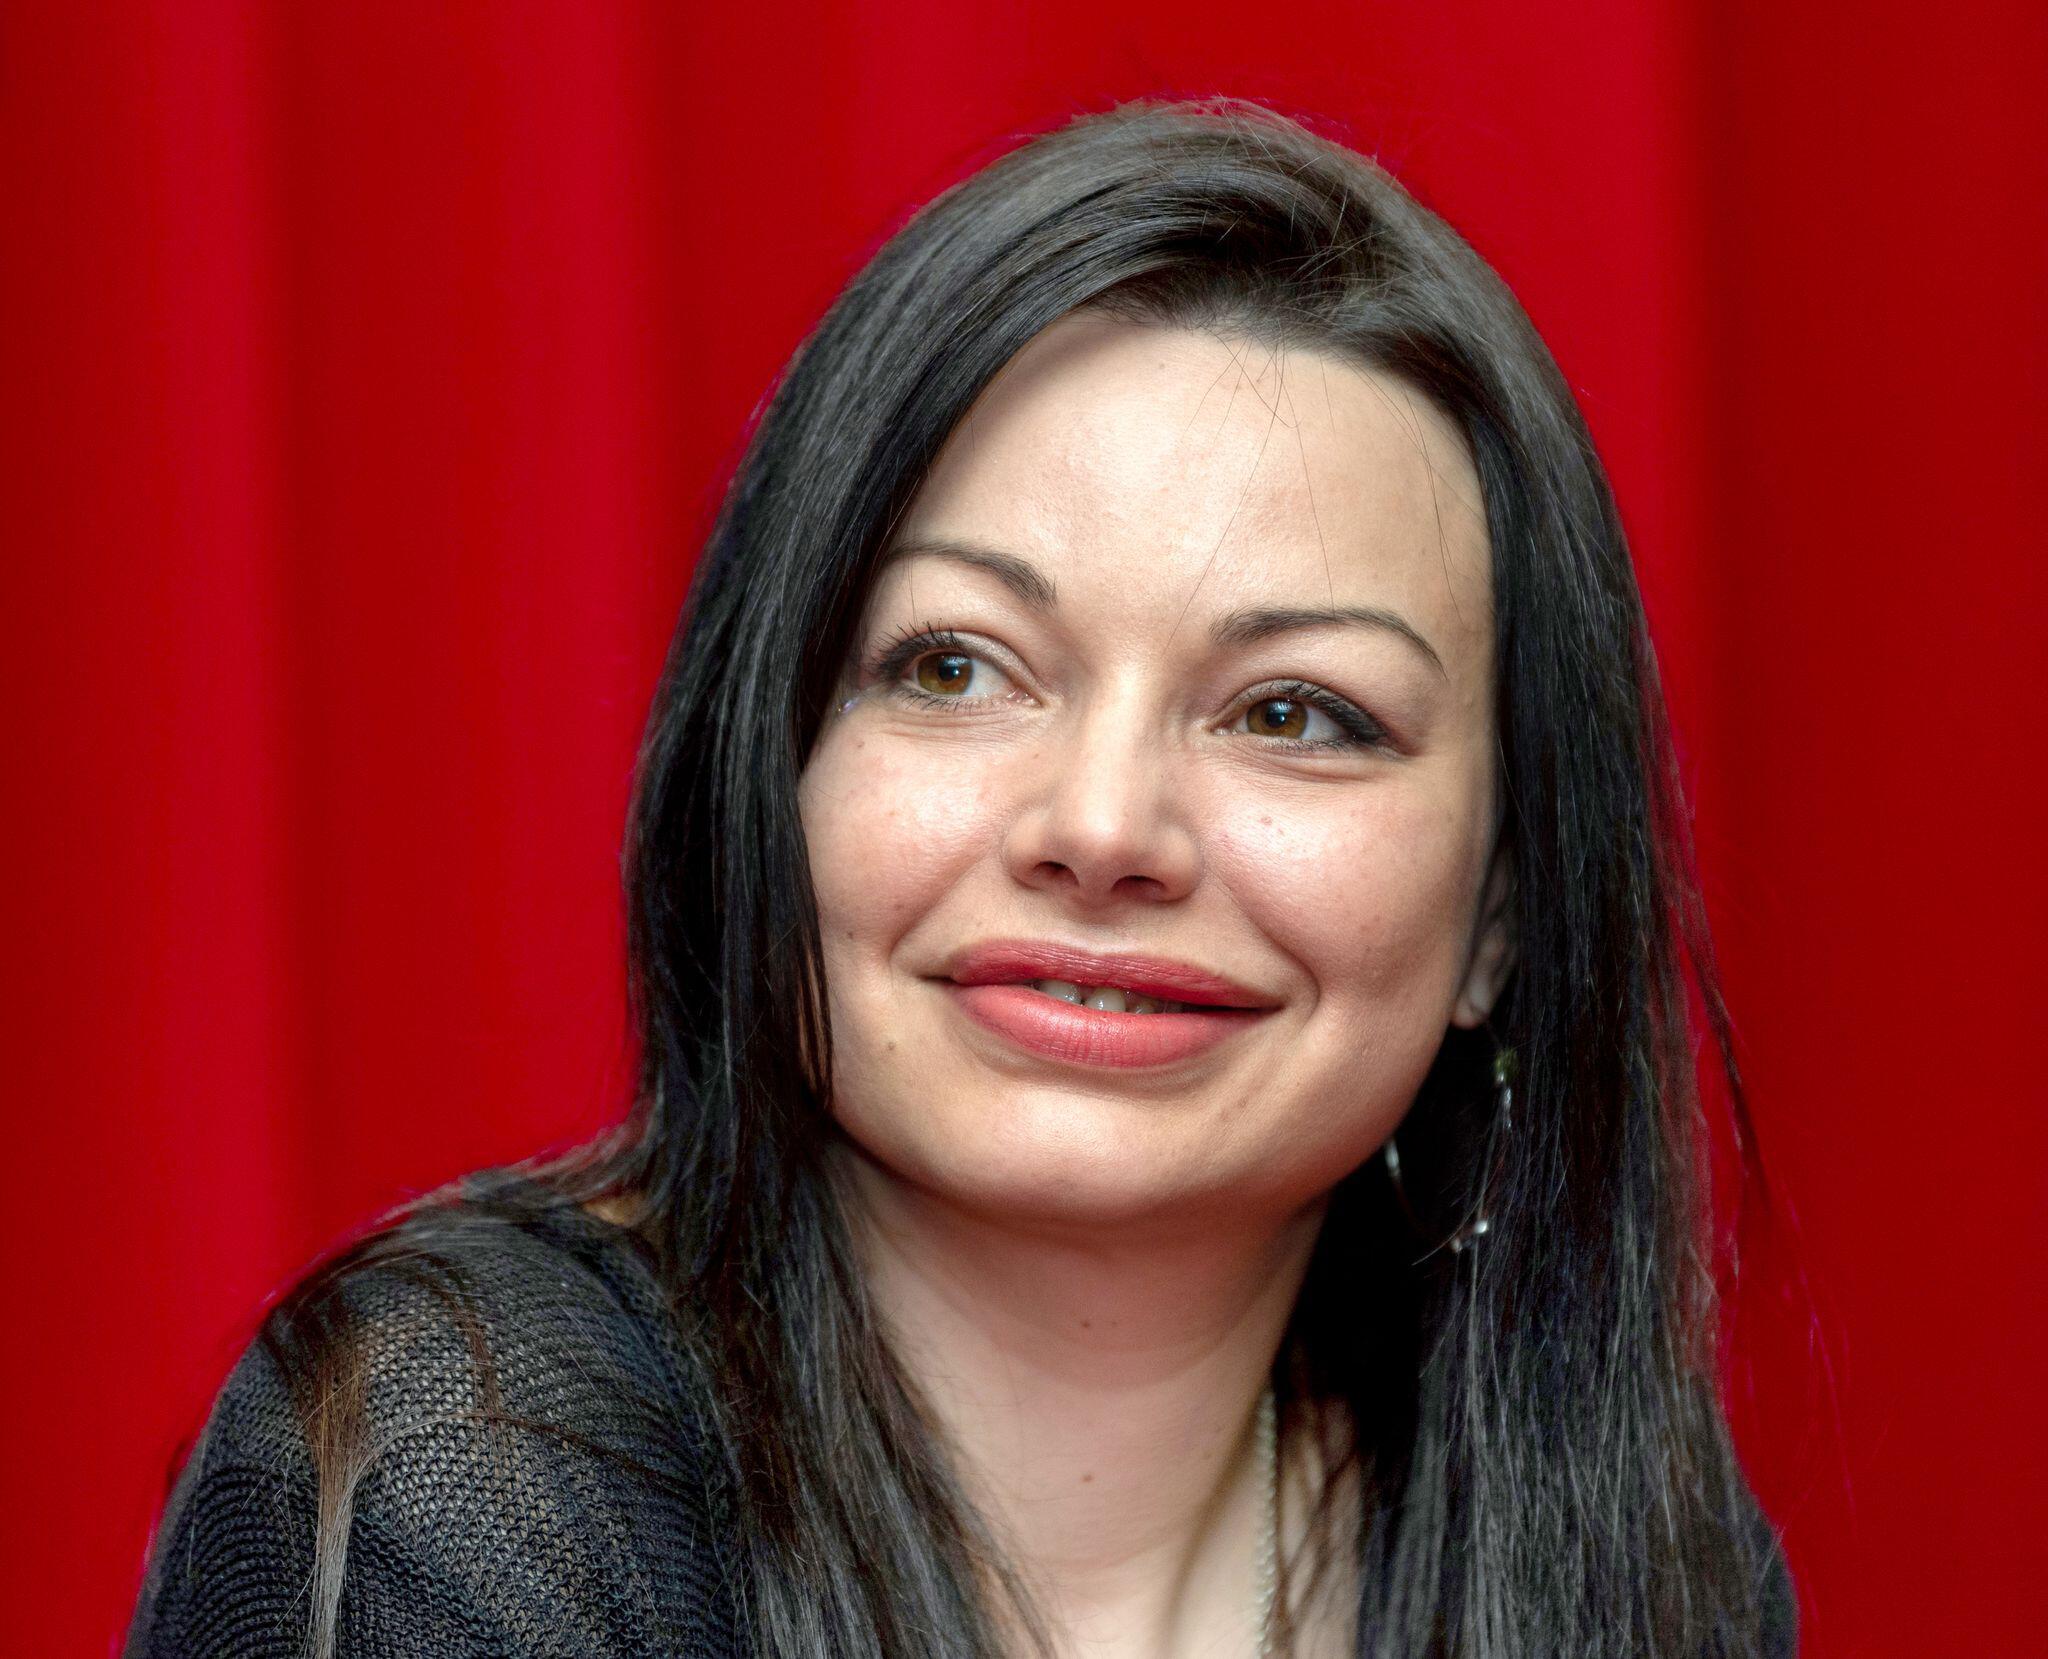 Bild zu Schauspielerin Cosma Shiva Hagen